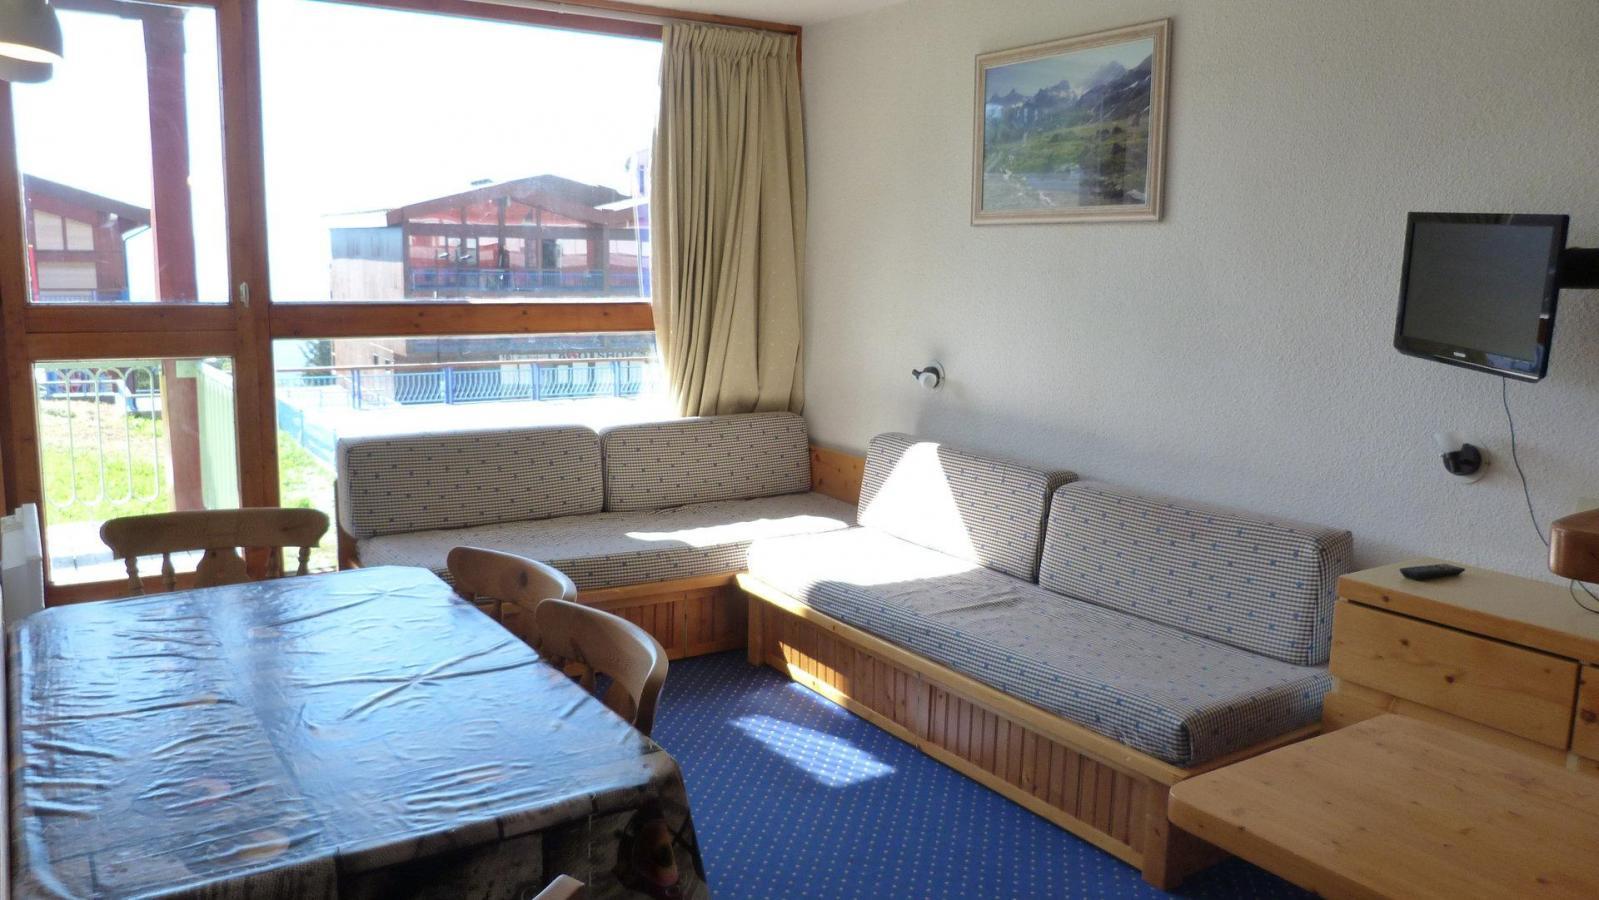 Location au ski Appartement 2 pièces 5 personnes (010) - Residence Les Tournavelles - Les Arcs - Séjour